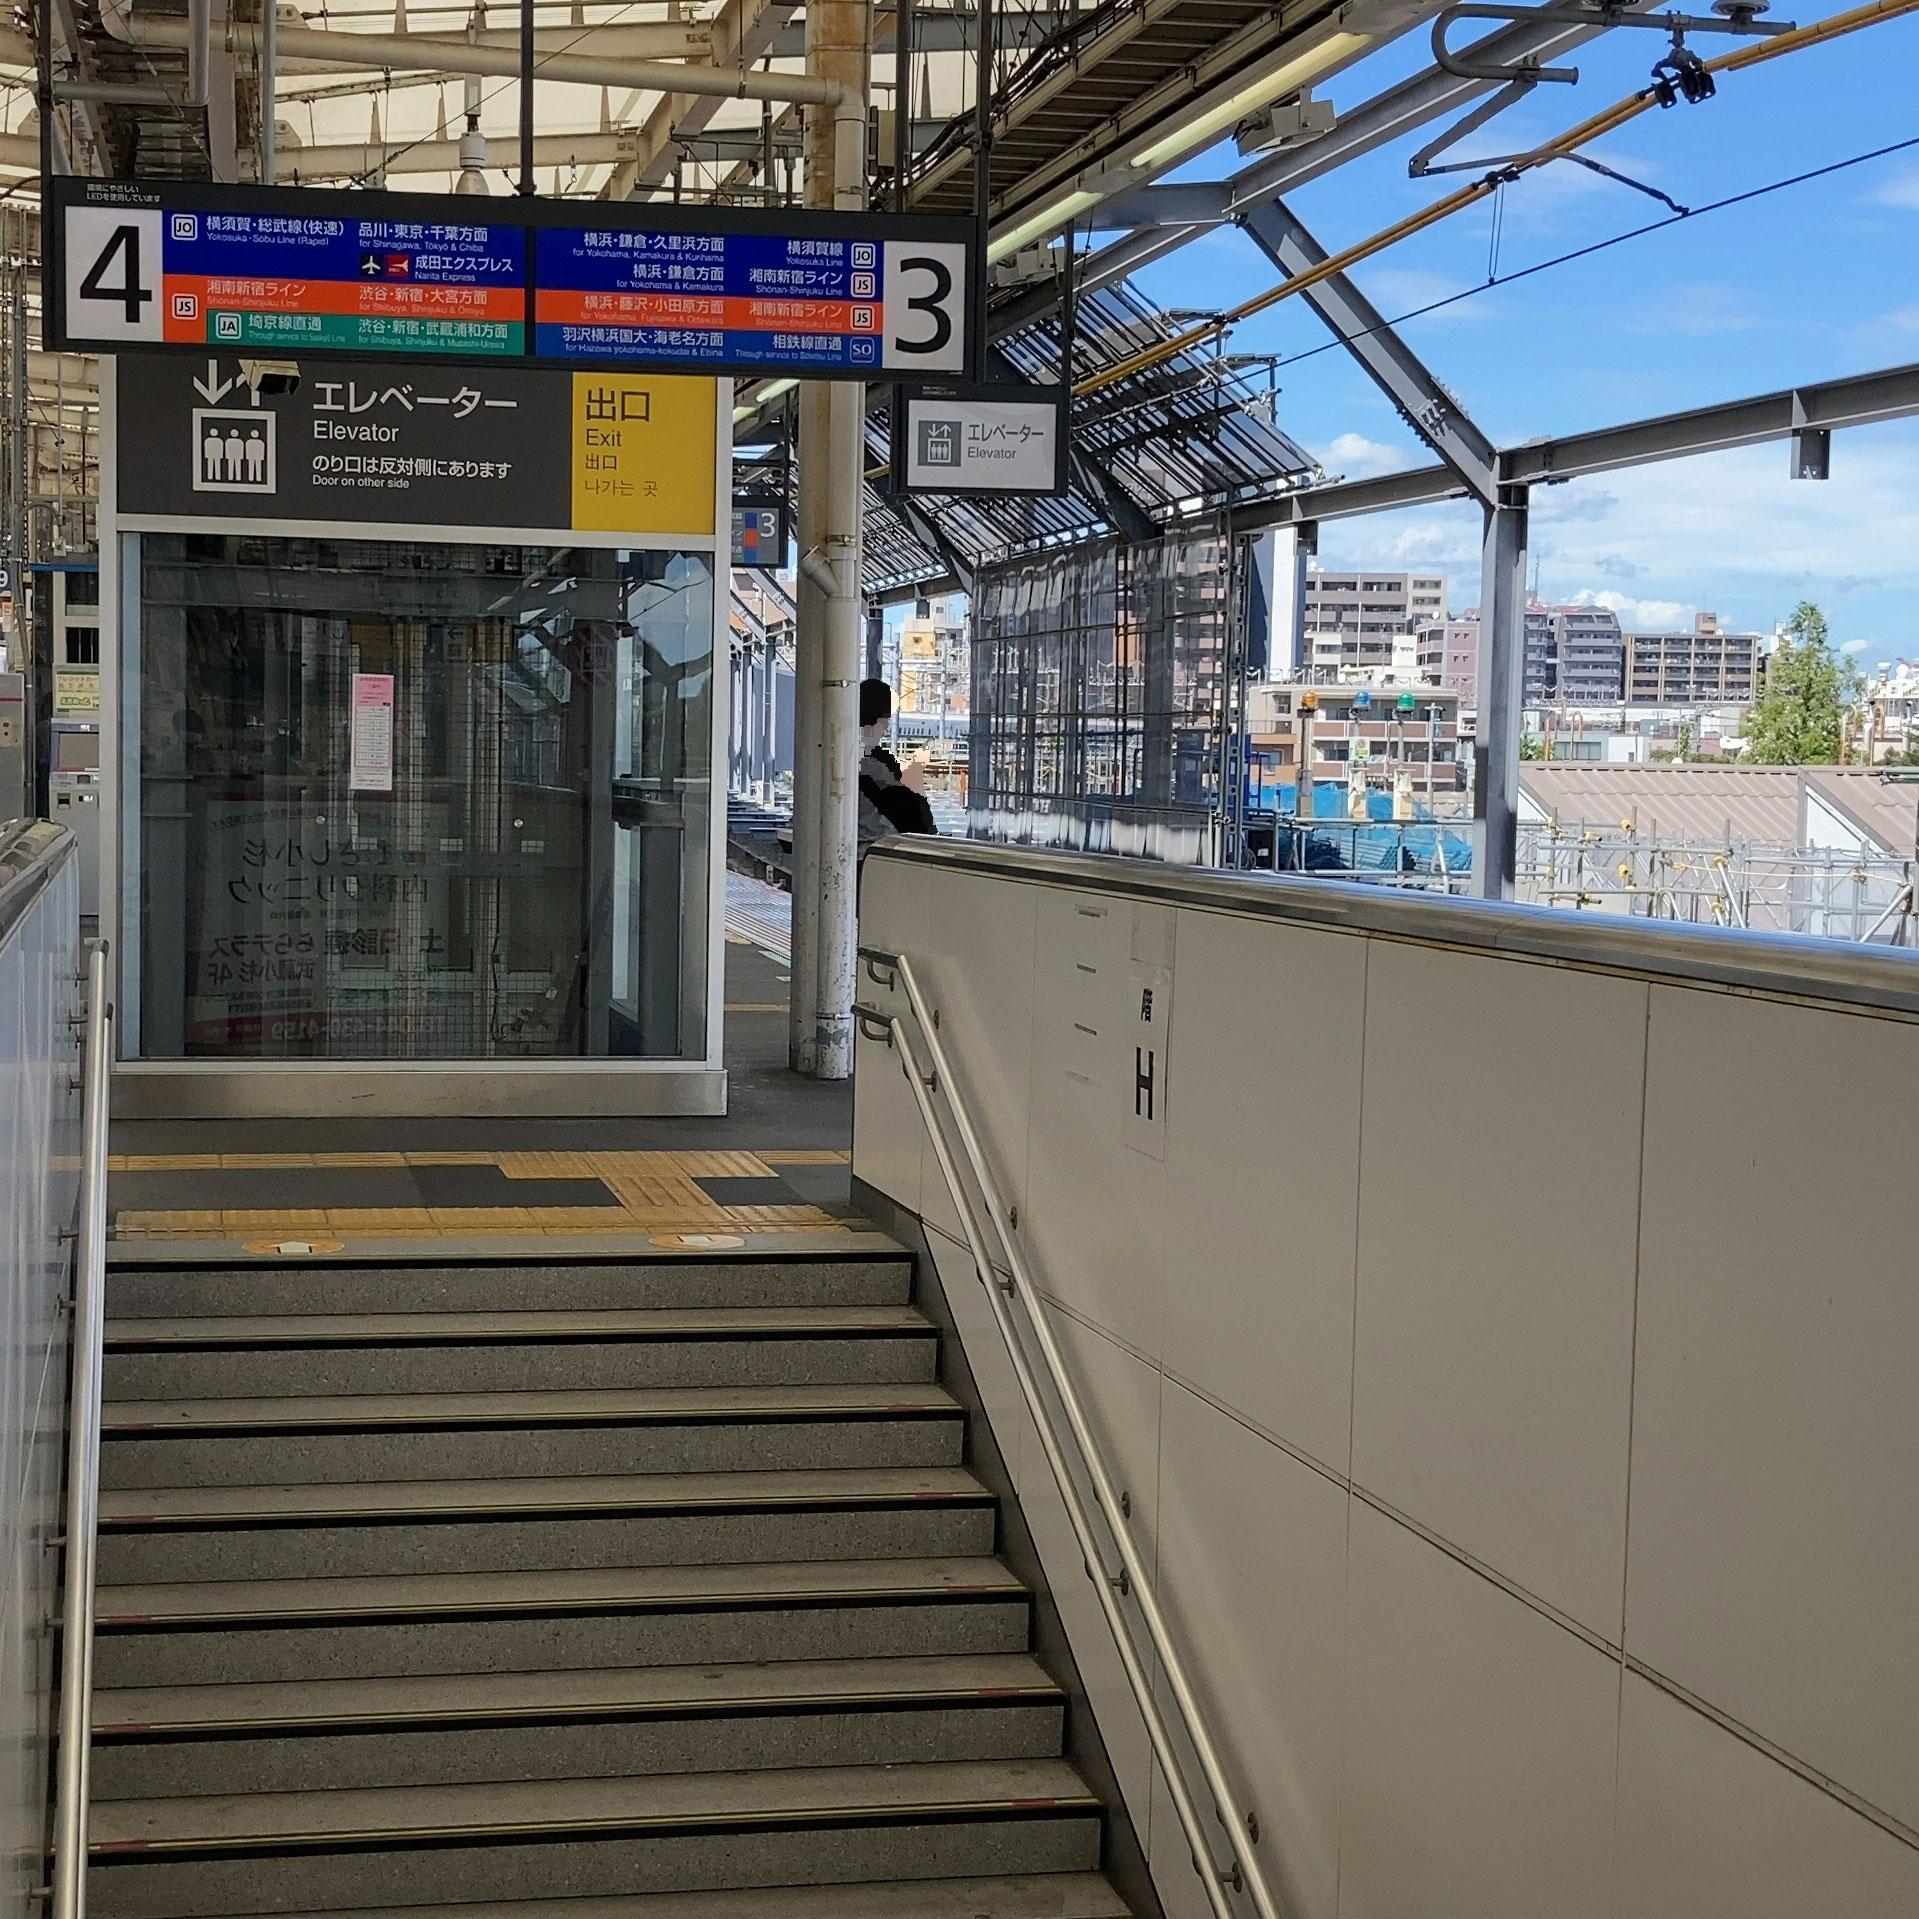 JR/武蔵小杉駅に相鉄線が到着です